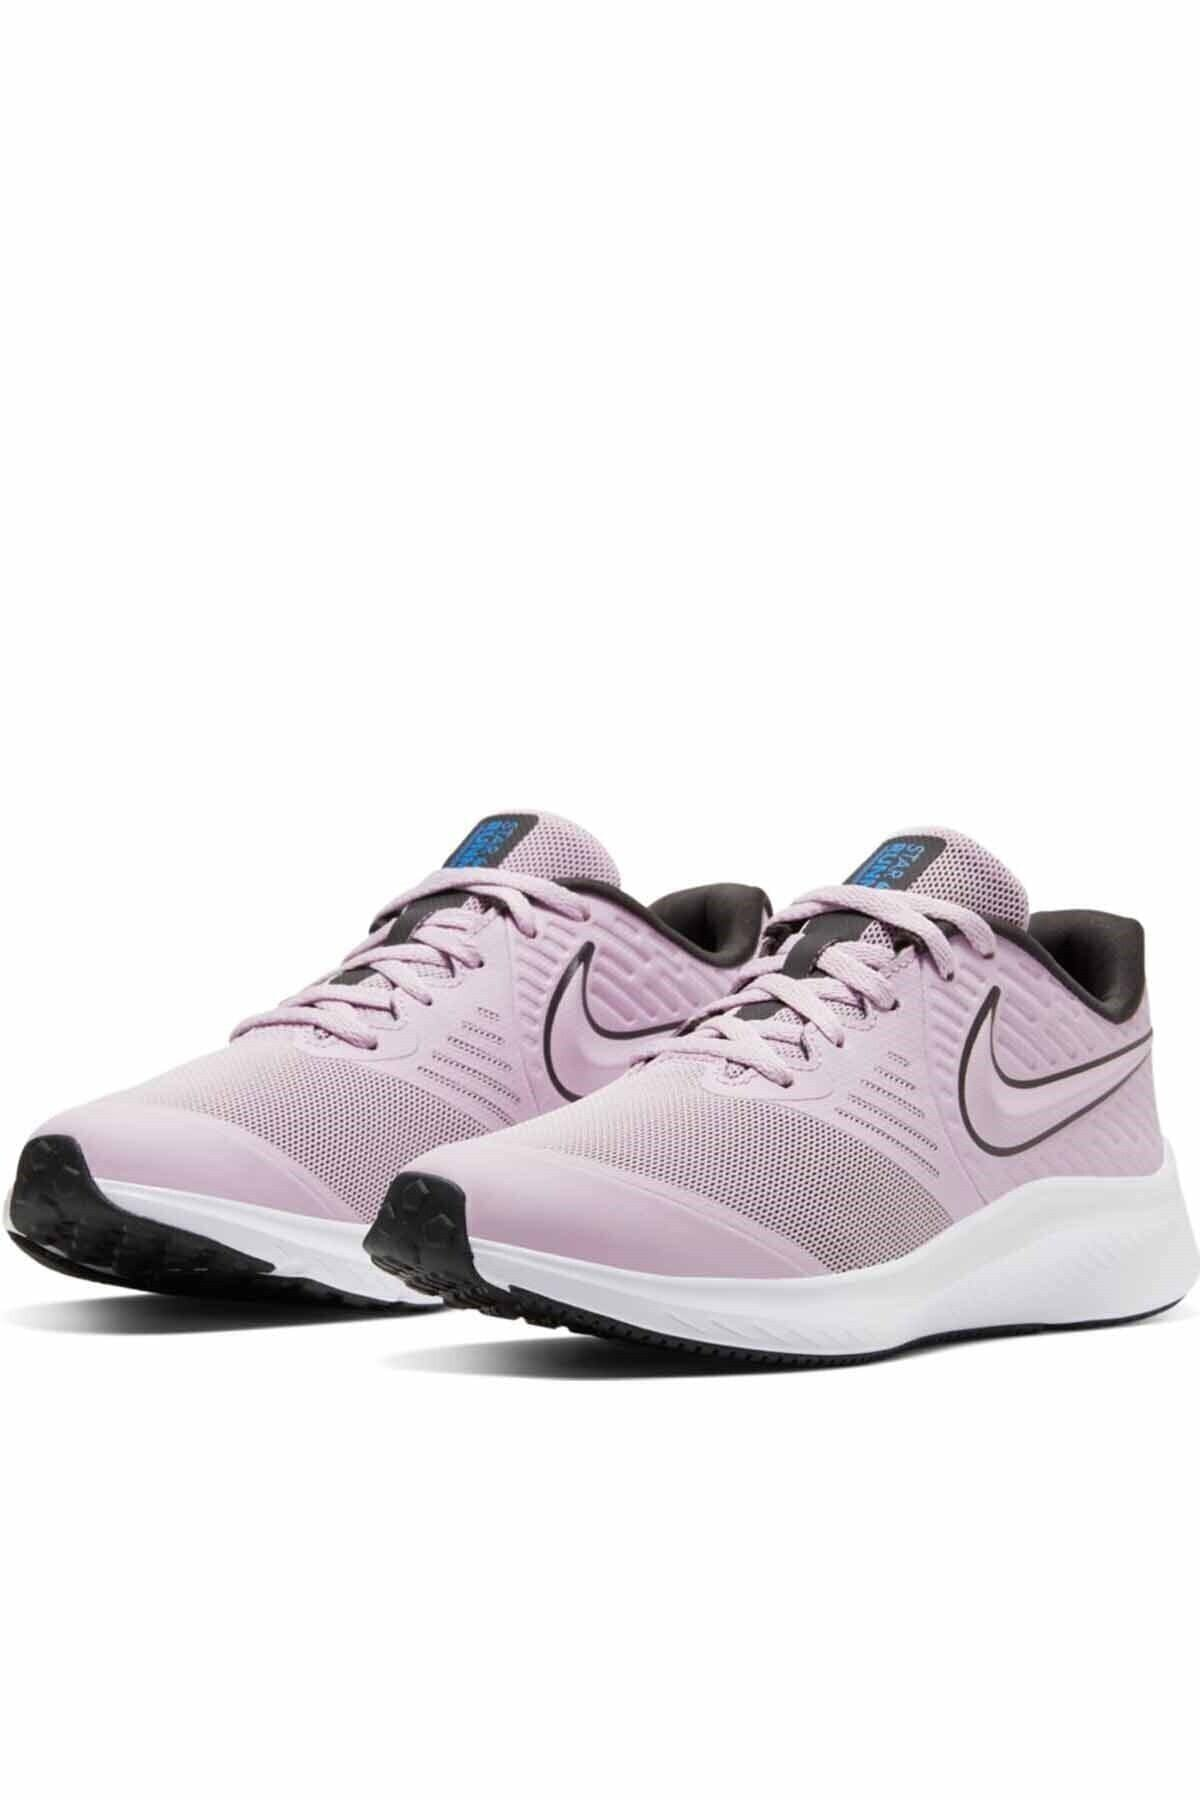 Nike Star Runner 2 (Gs) Kadın Yürüyüş Koşu Ayakkabı Aq3542-501 2